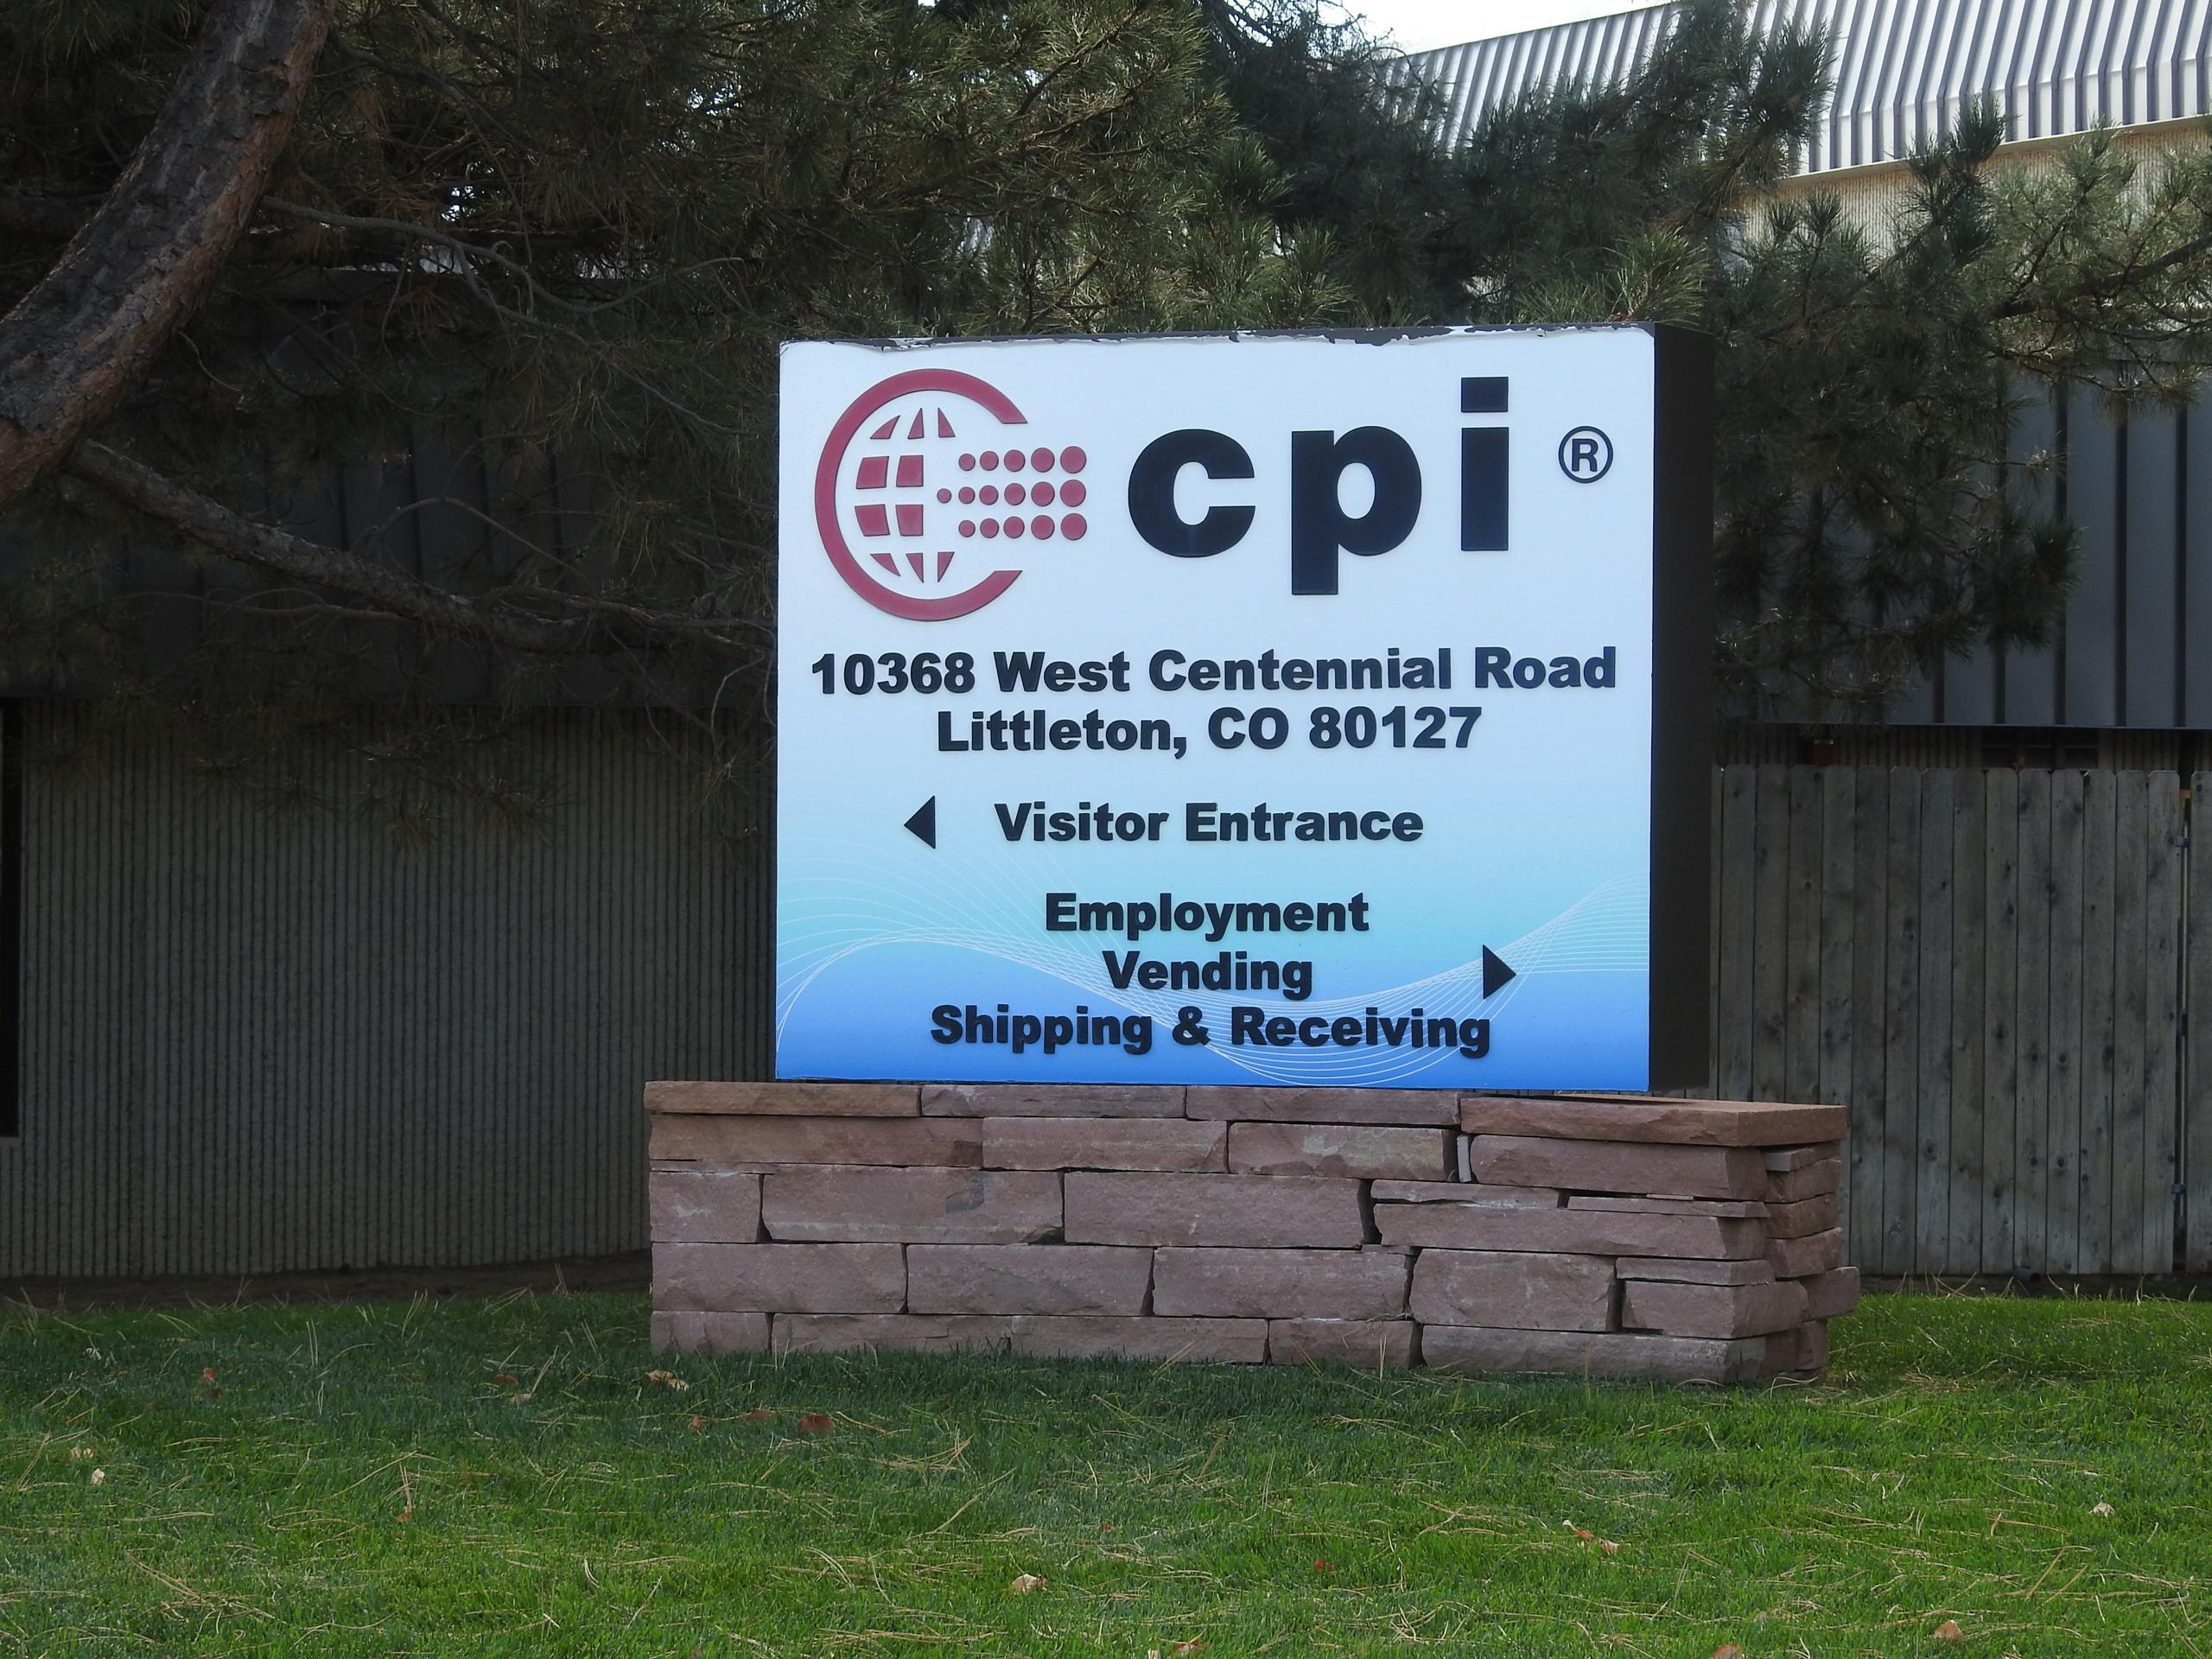 CPI's corporate headquarters in Littleton, Colorado.